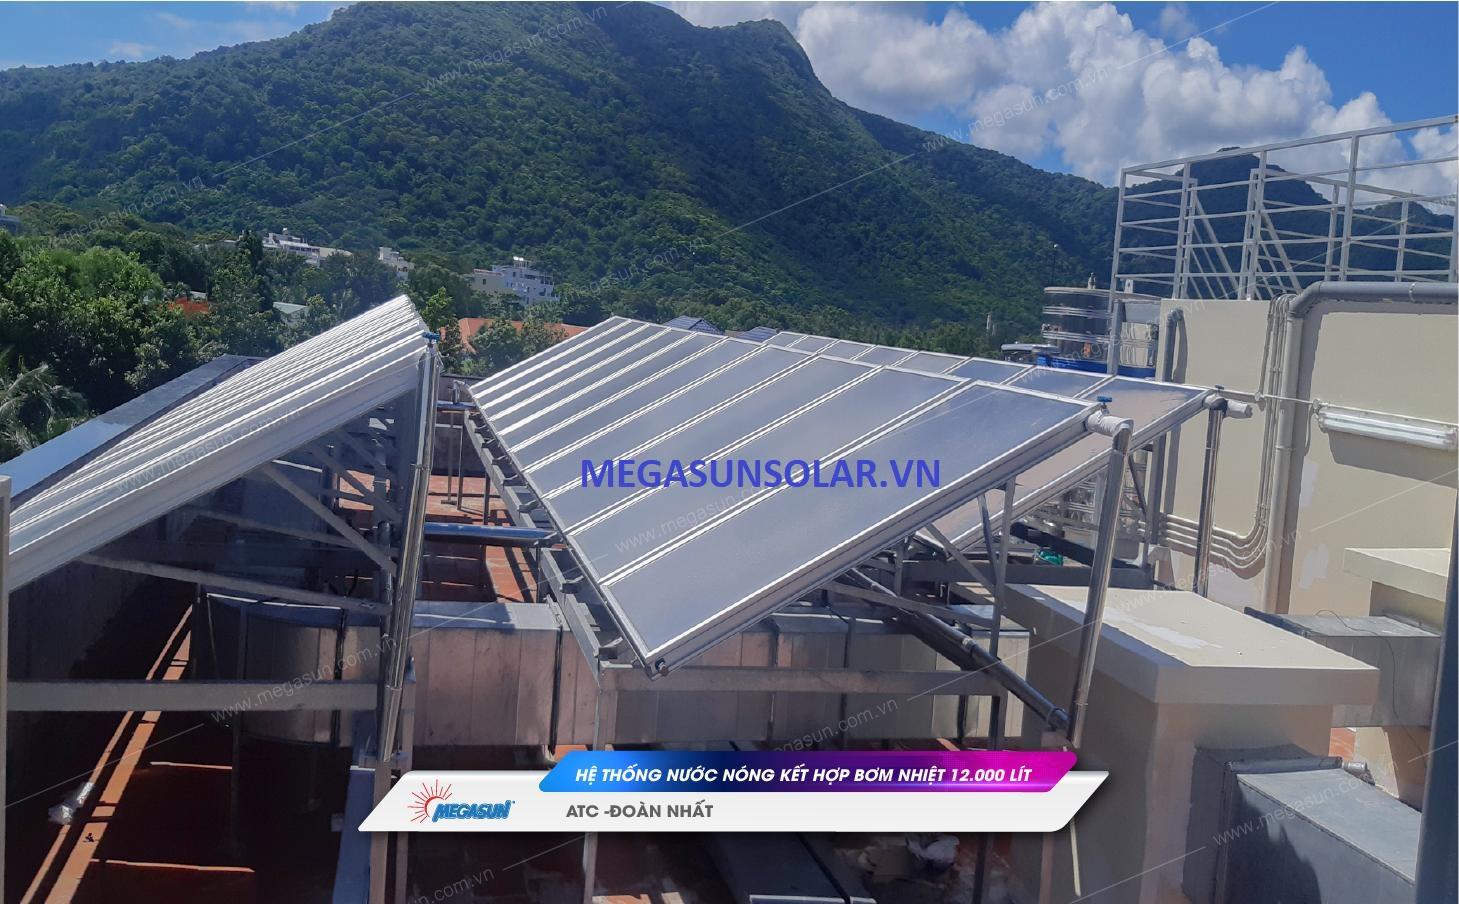 Hệ thống tấm thu năng lượng mặt trười Megasun MGS-2000BLT